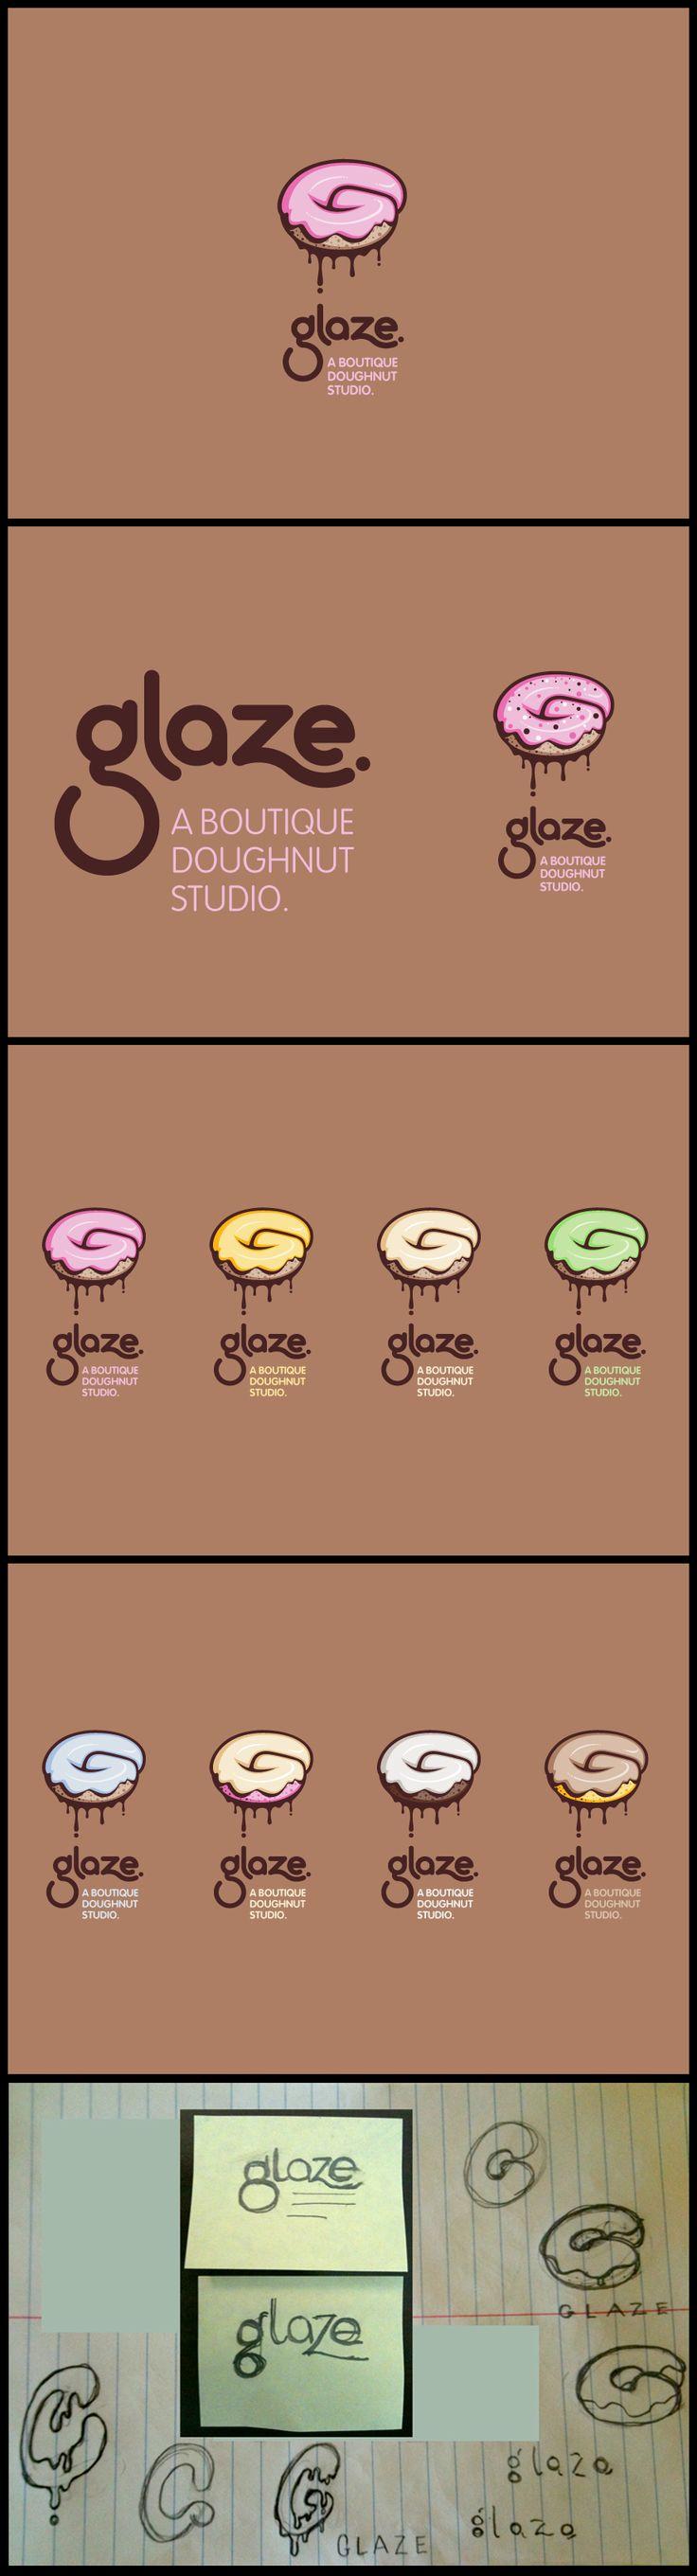 Glaze doughnut boutique